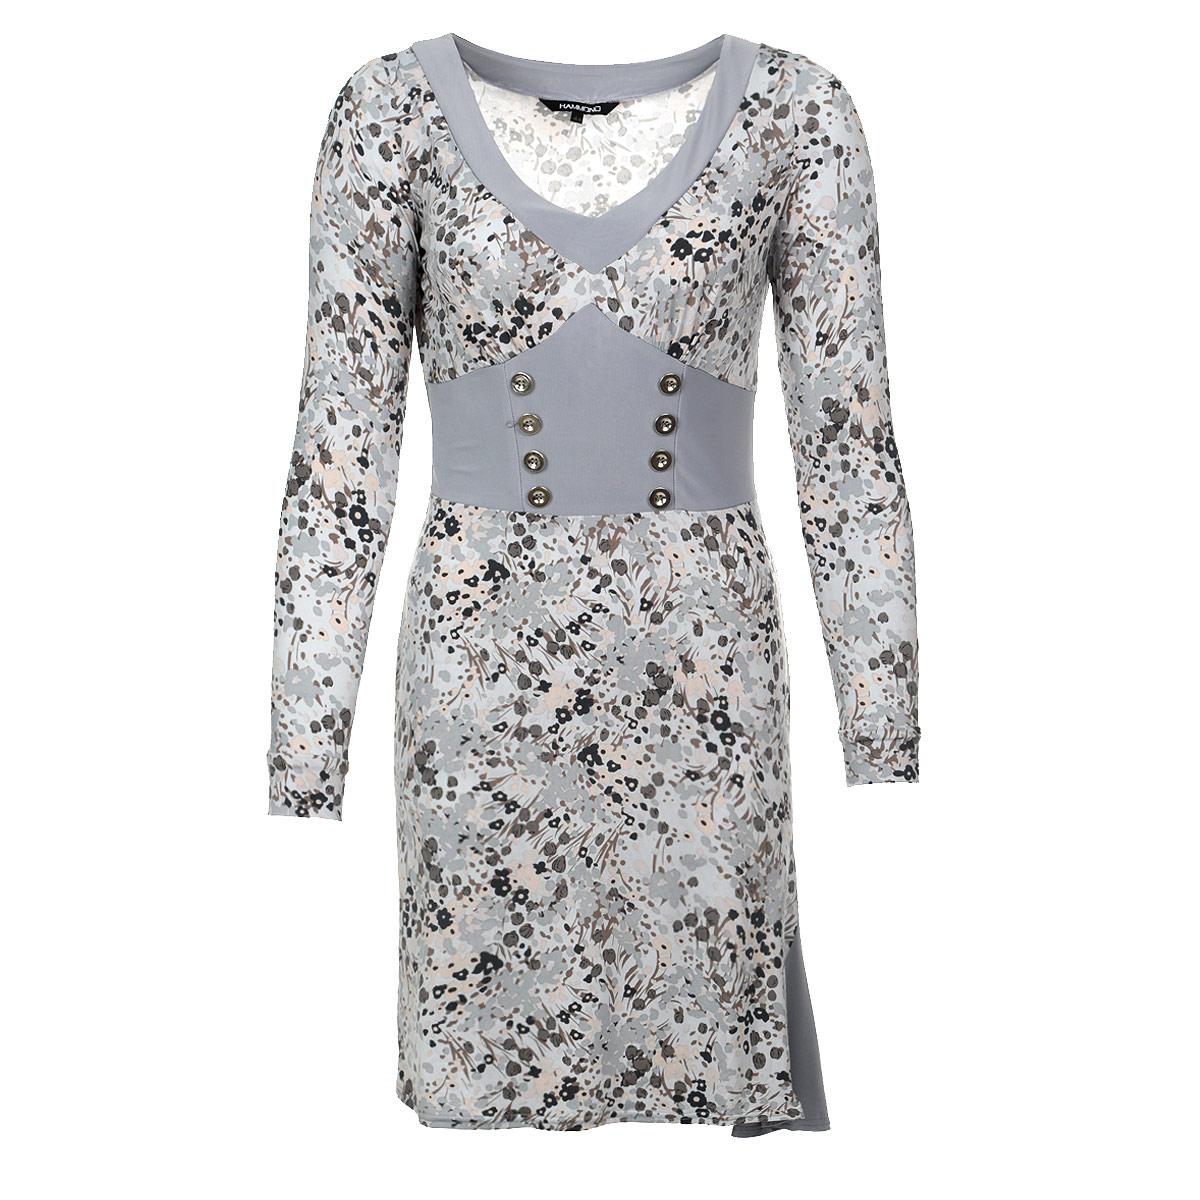 Платье1-12-5-16Стильное платье из тяжелого струящегося трикотажа с цветочным узором подойдет не только для повседневной носки, но и с легкостью создаст романтический образ. Одна однотонная вставка подчеркивает V-образный вырез горловины, другая - имитирует корсет с двумя рядами пуговиц и небольшой клинышек в подоле. Это стильное платье станет прекрасным выбором для офиса или просто встреч с друзьями.